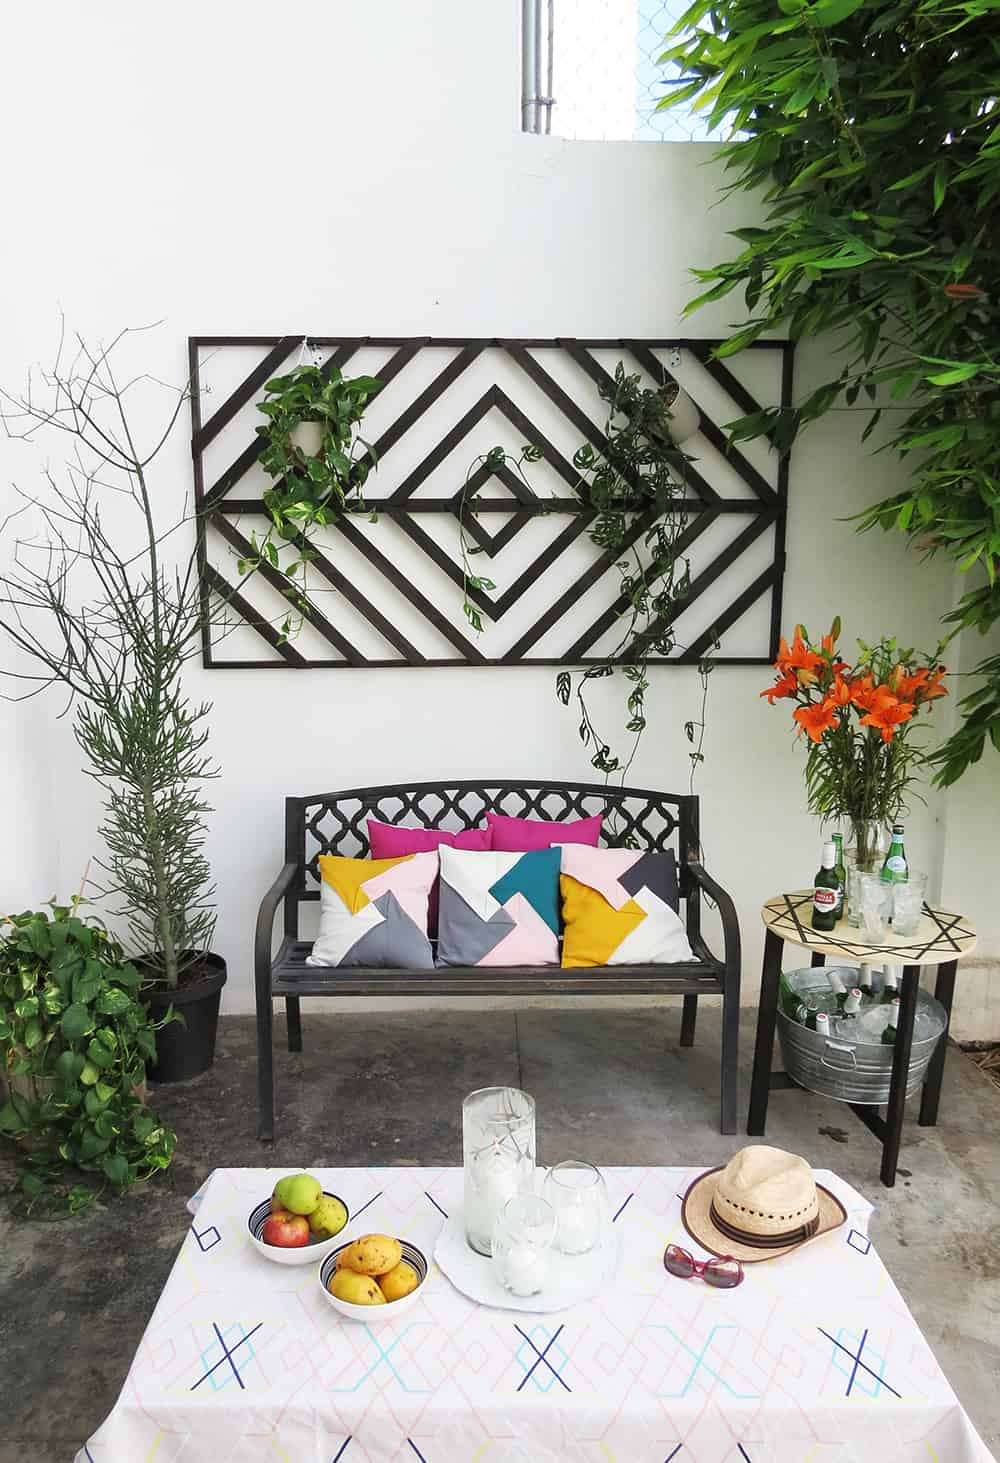 DIY patio upgrade